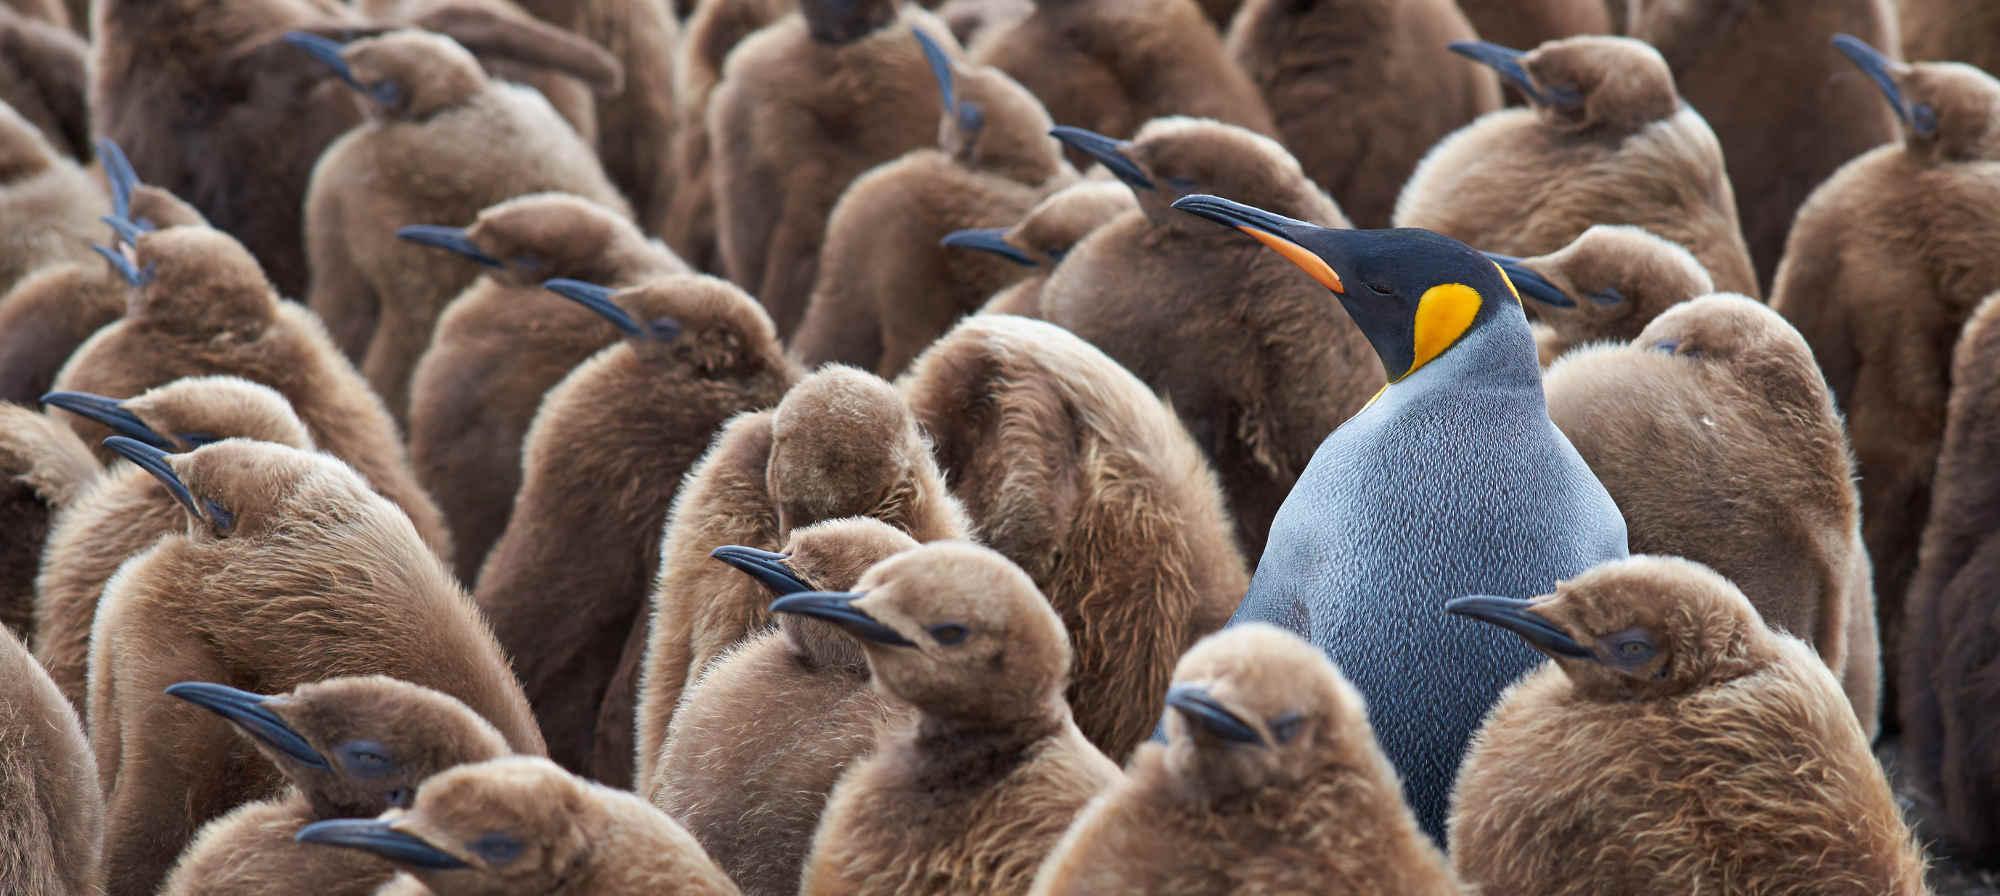 Färbiger Pinguin unter grauen Pinguinen - stet für Einzigartigkeit und Individualität